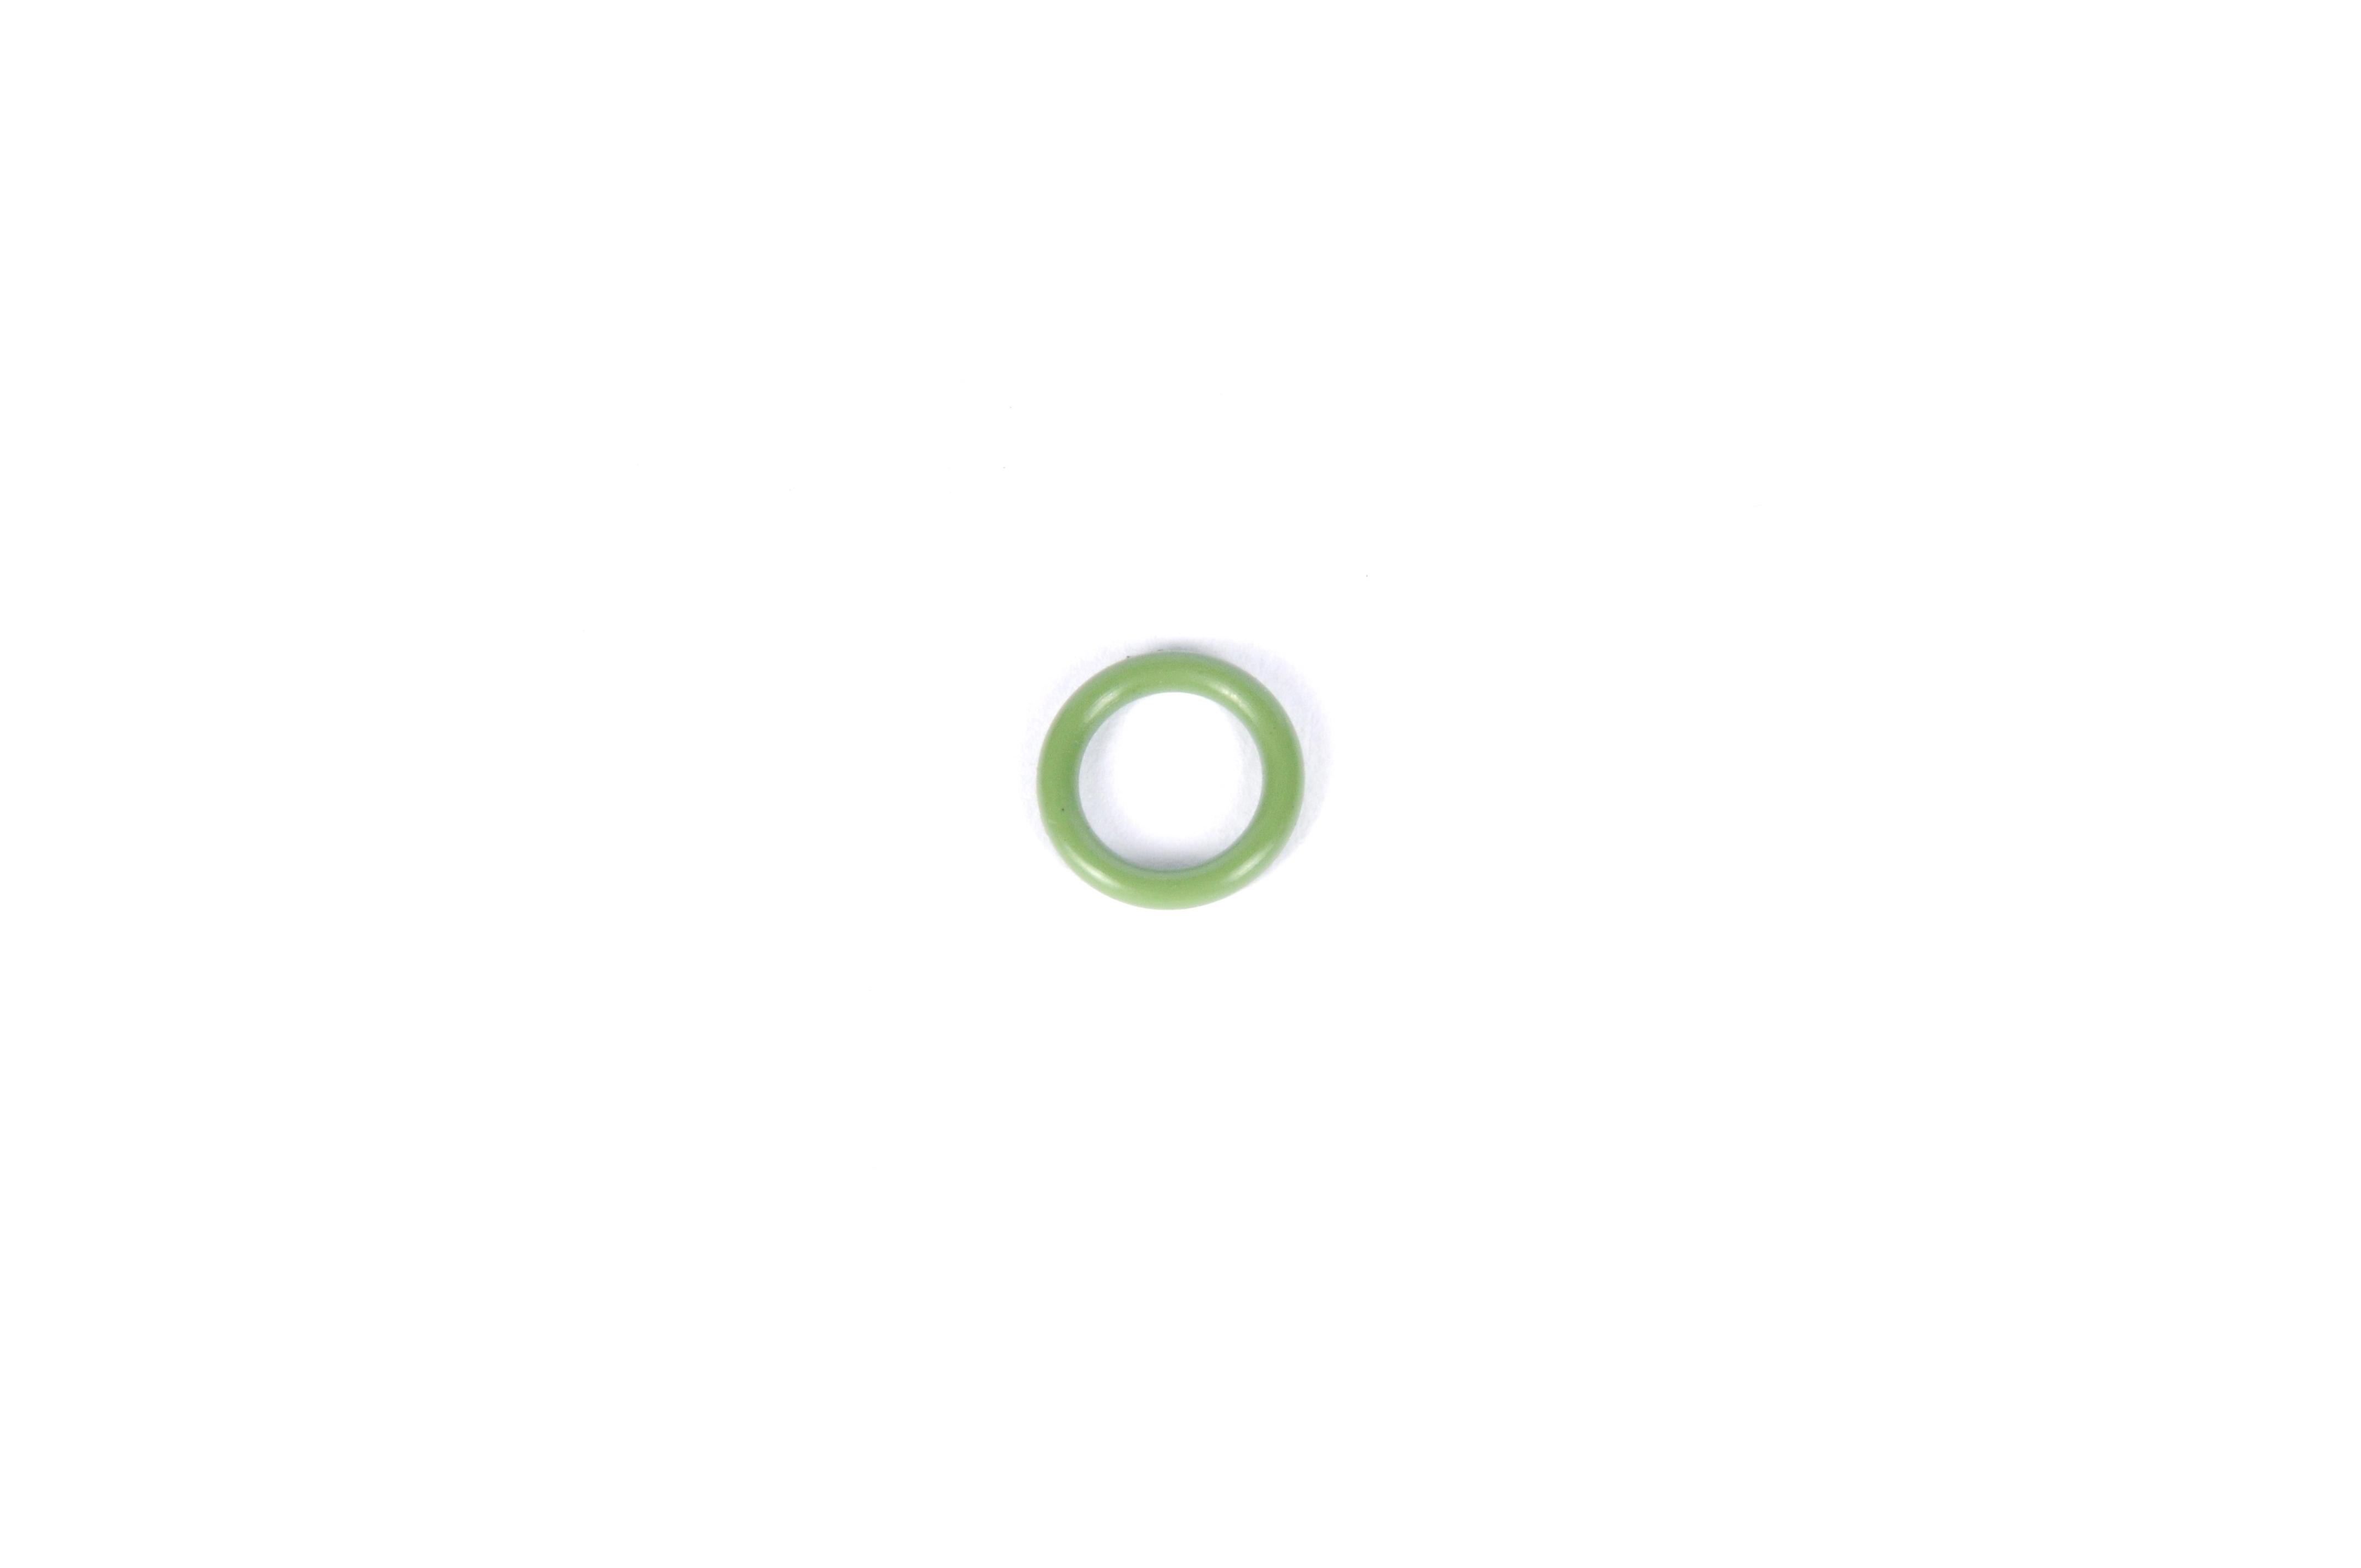 ACDELCO OE SERVICE CANADA - A/C Compressor Seal - DCG 92148455